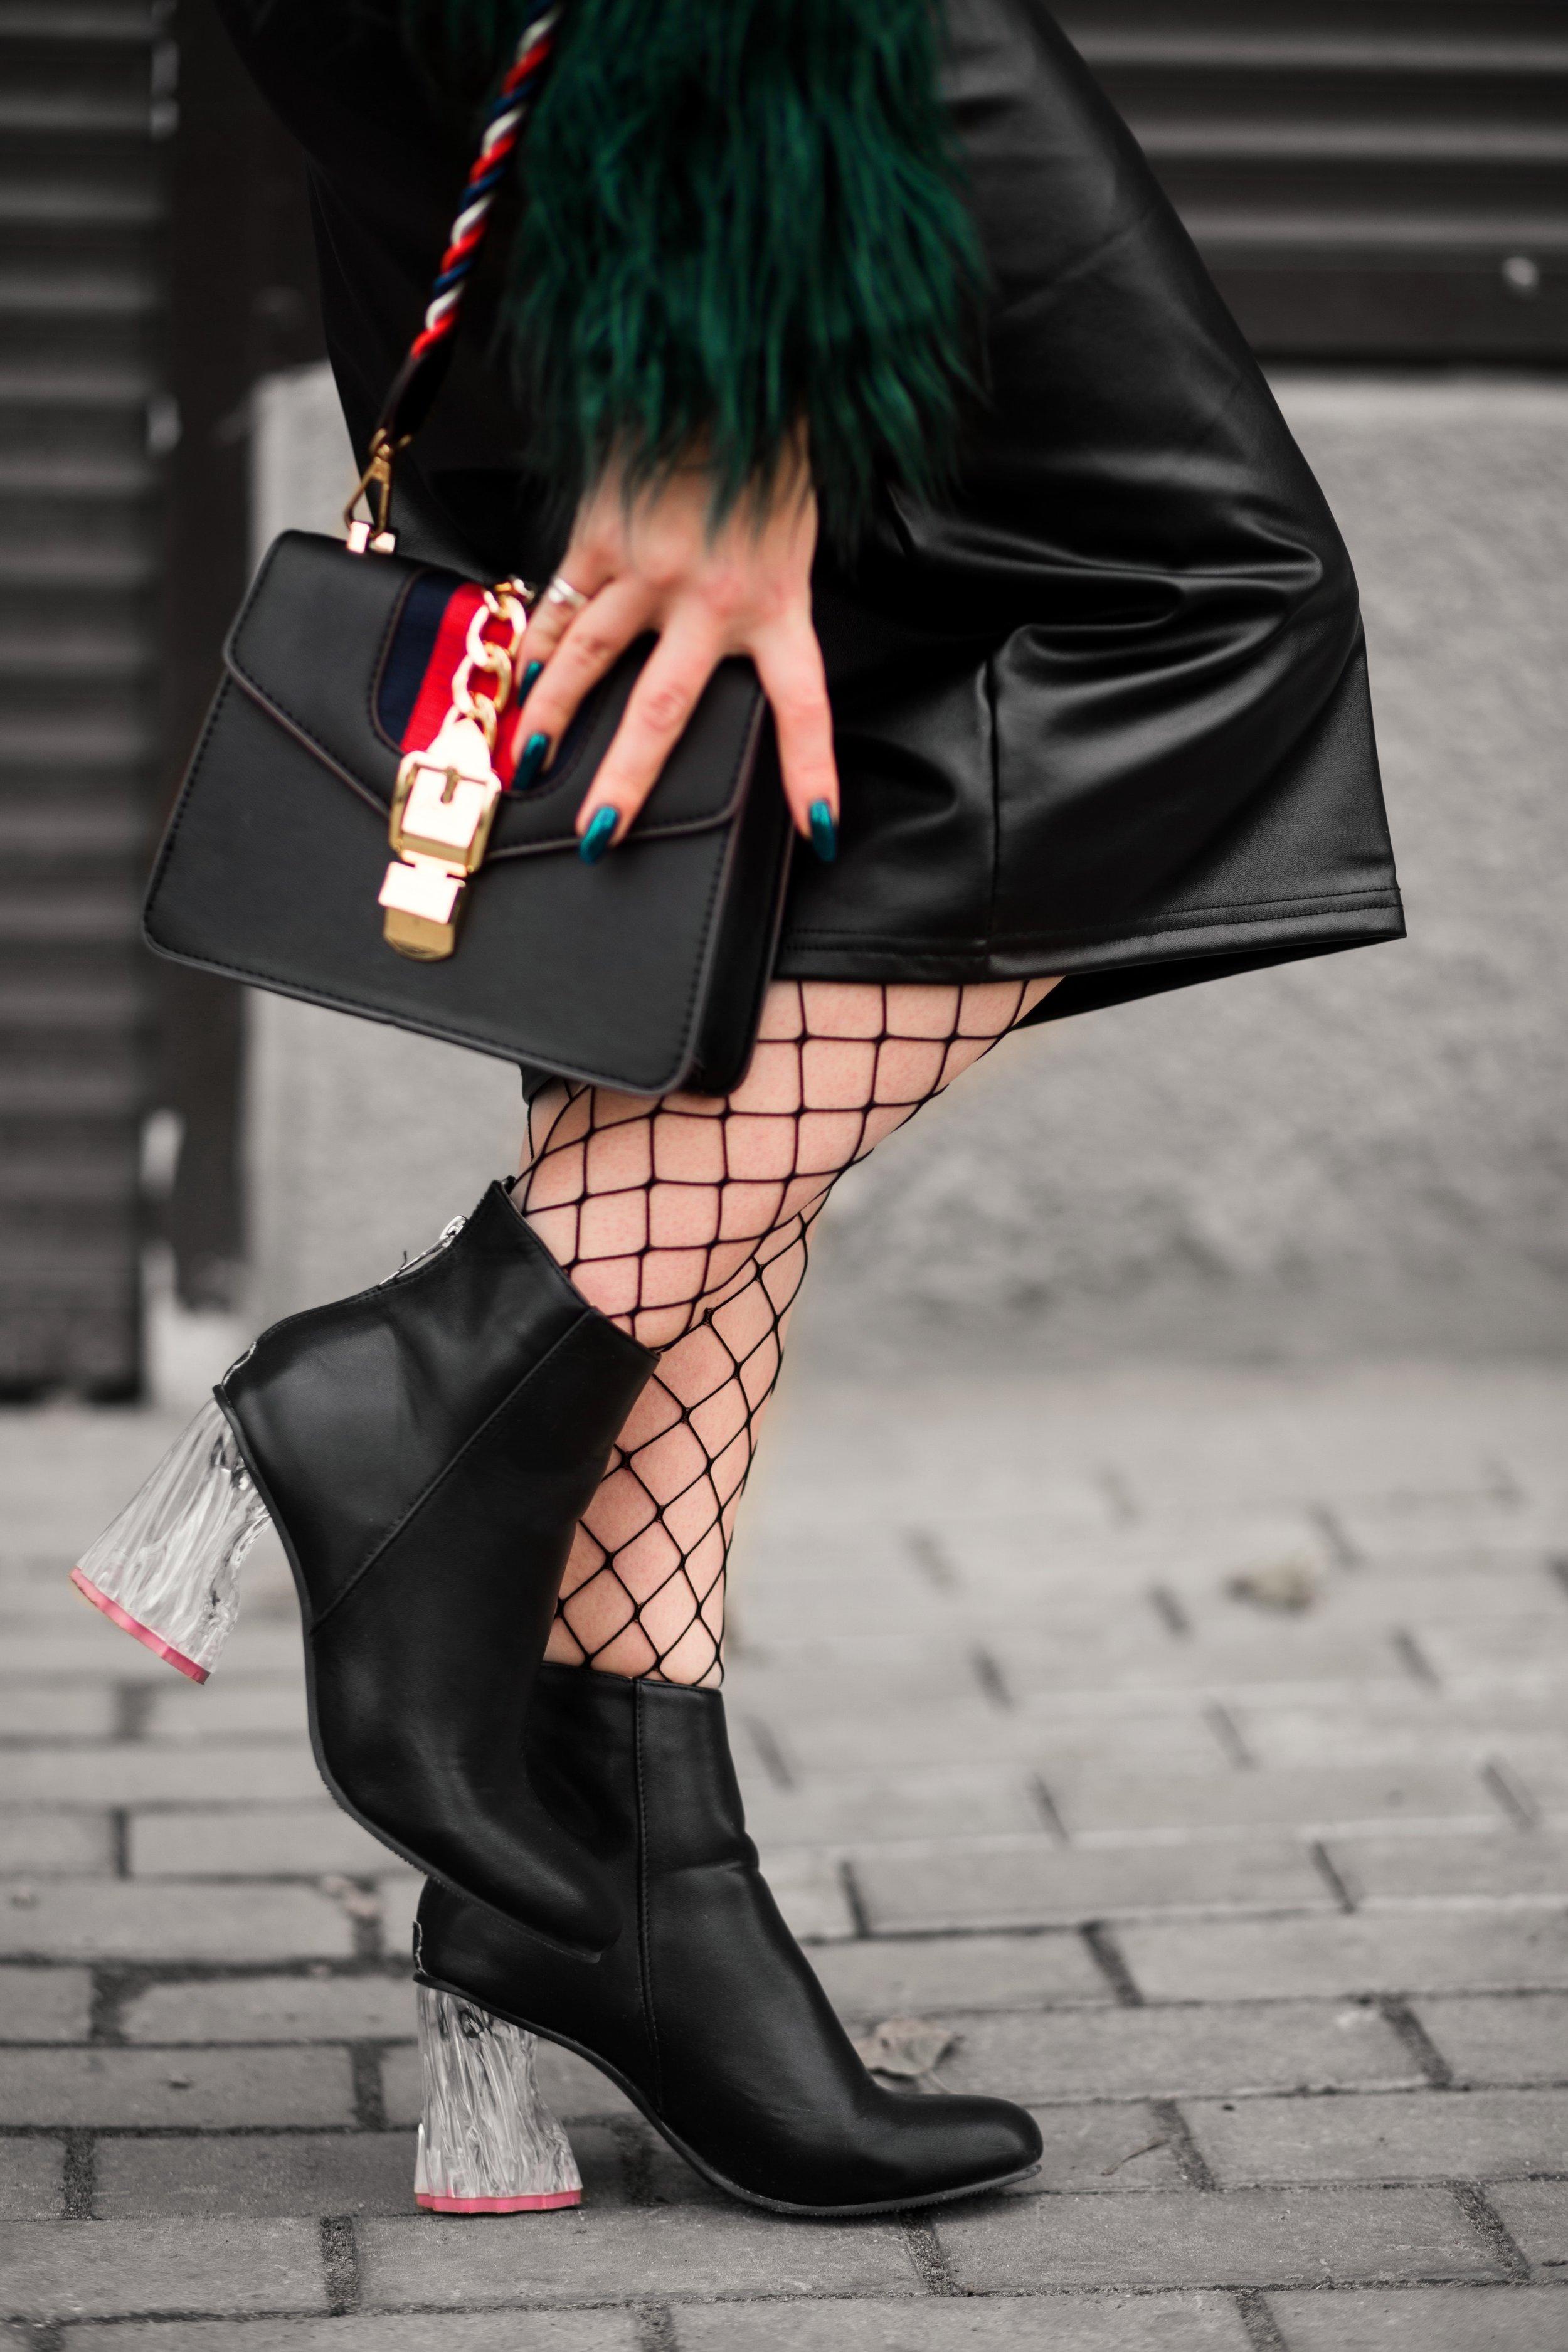 bag-close-up-contemporary-1040384.jpg